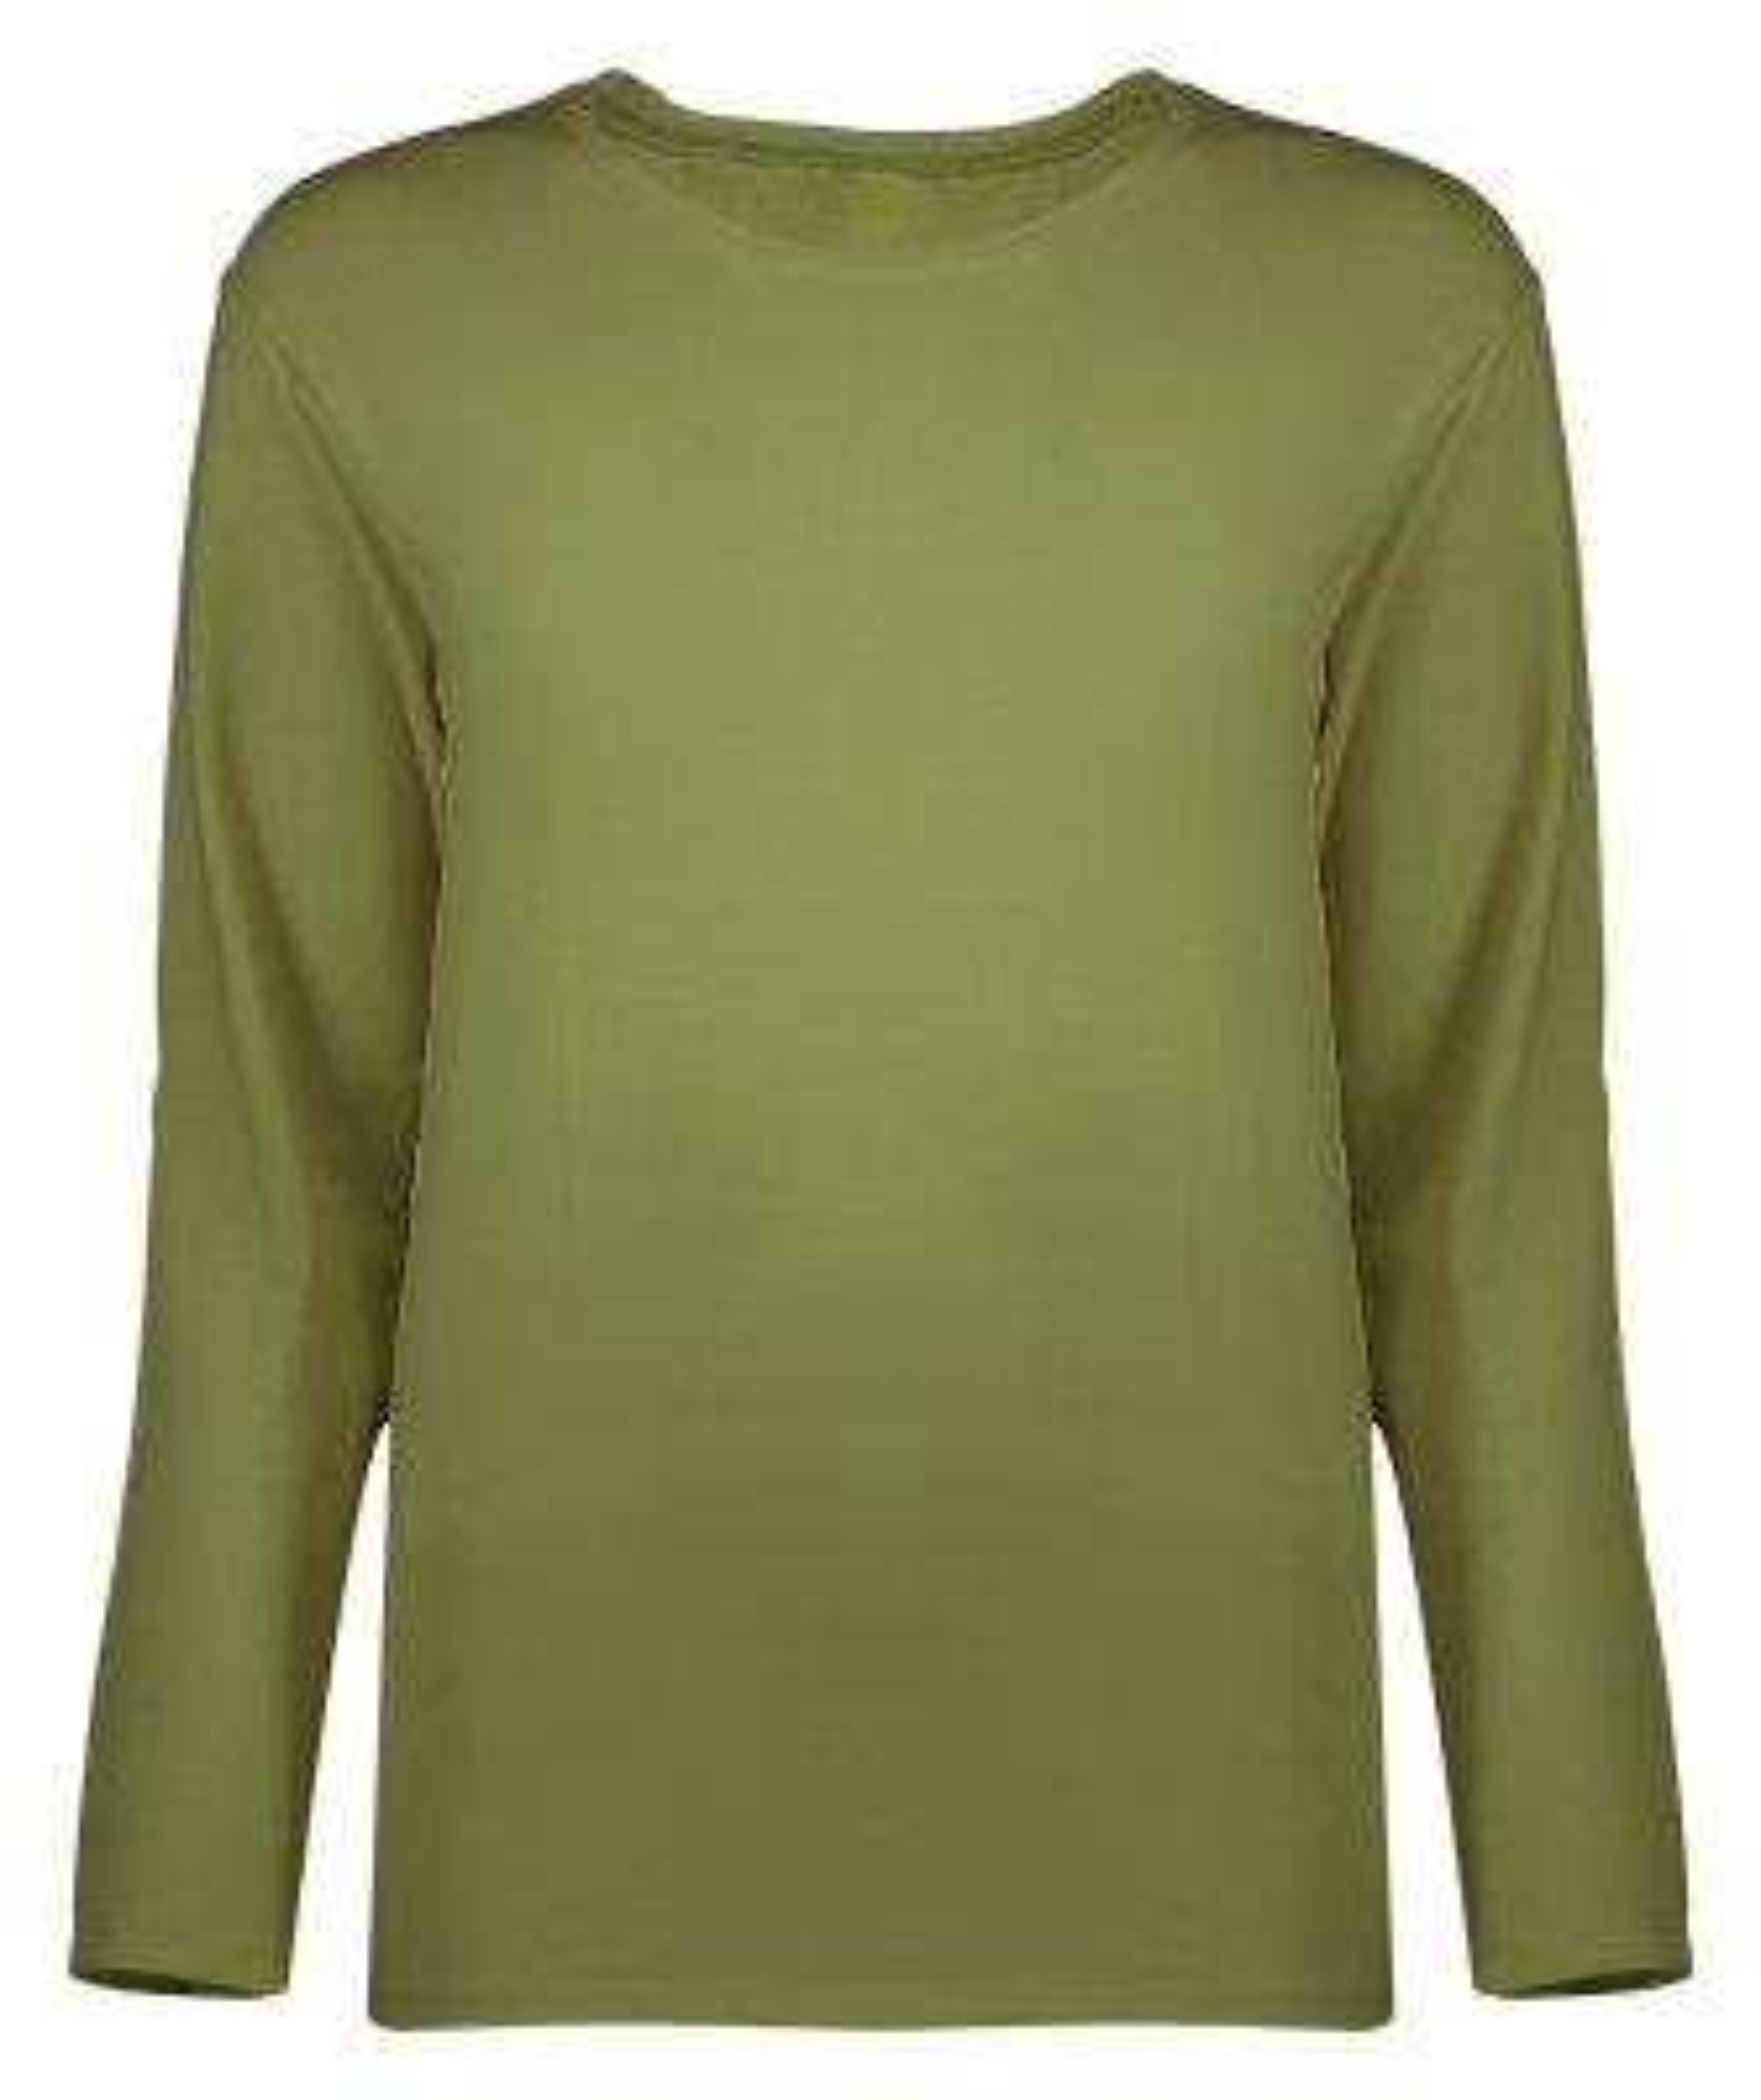 تی شرت آستین بلند زنانه کد 301-1